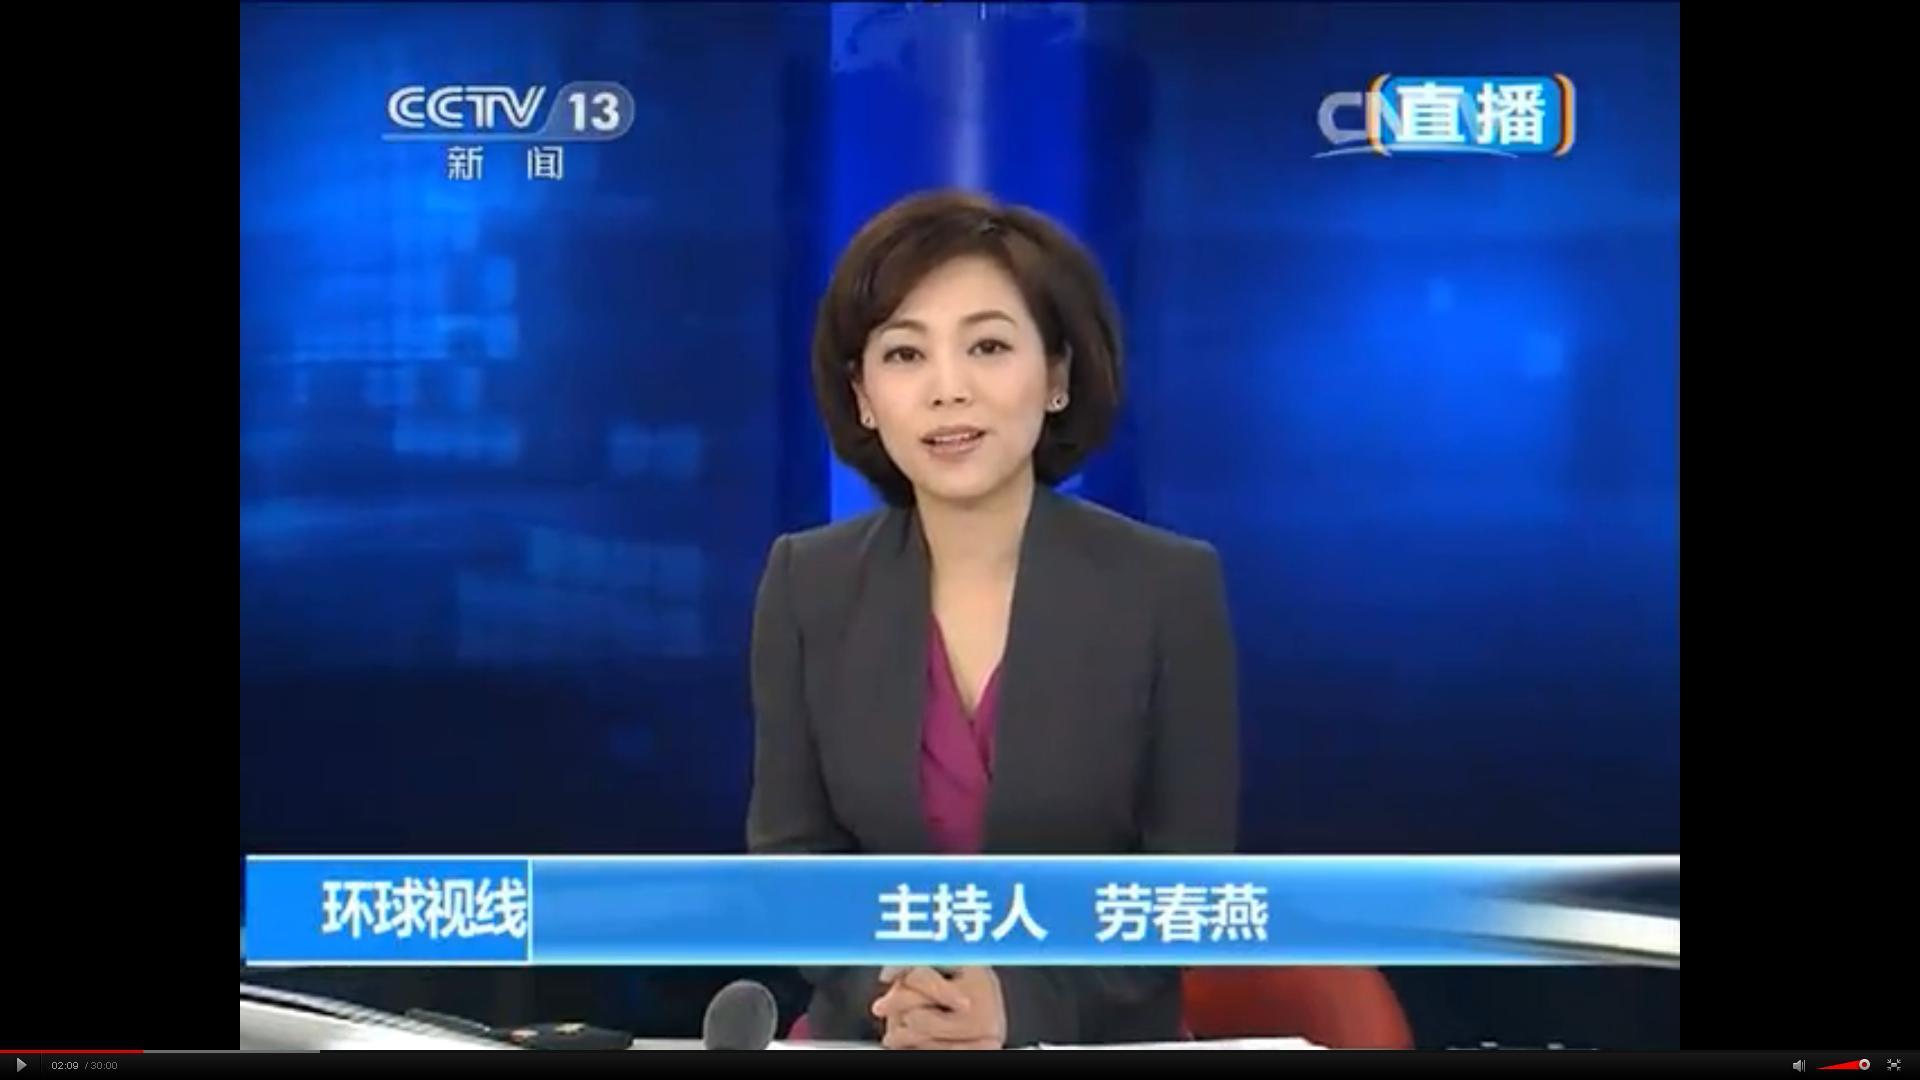 谁知道cctv2 早上的第一时间节目新换的女主持人叫什么名字啊?